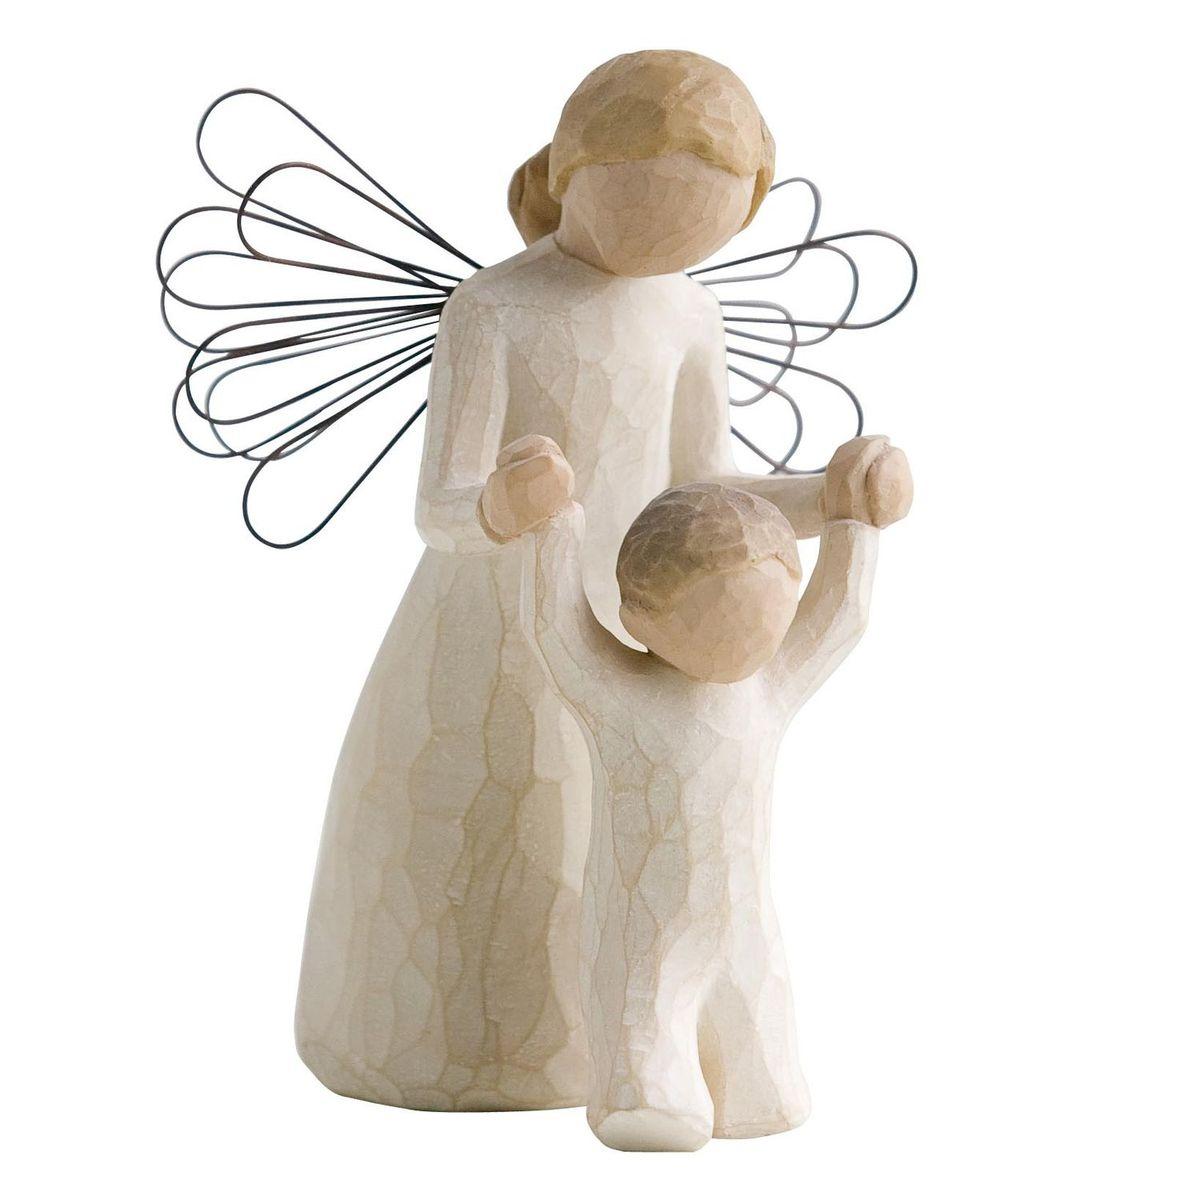 Фигурка Willow Tree Ангел-хранитель, 13 см26034Эти прекрасные статуэтки созданы канадским скульптором Сьюзан Лорди. Каждая фигурка – это настоящее произведение искусства, образная скульптура в миниатюре, изображающая эмоции и чувства, которые помогают нам чувствовать себя ближе к другим, верить в мечту, выражать любовь. Каждая фигурка помещена в красивую упаковку. Купить такой оригинальный подарок, значит не только украсить интерьер помещения или жилой комнаты, но выразить свое глубокое отношение к любимому человеку. Этот прекрасный сувенир будет лучшим подарком на день ангела, именины, день рождения, юбилей. Материал: Искусственный камень (49% карбонат кальция мелкозернистой разновидности, 51% искусственный камень)